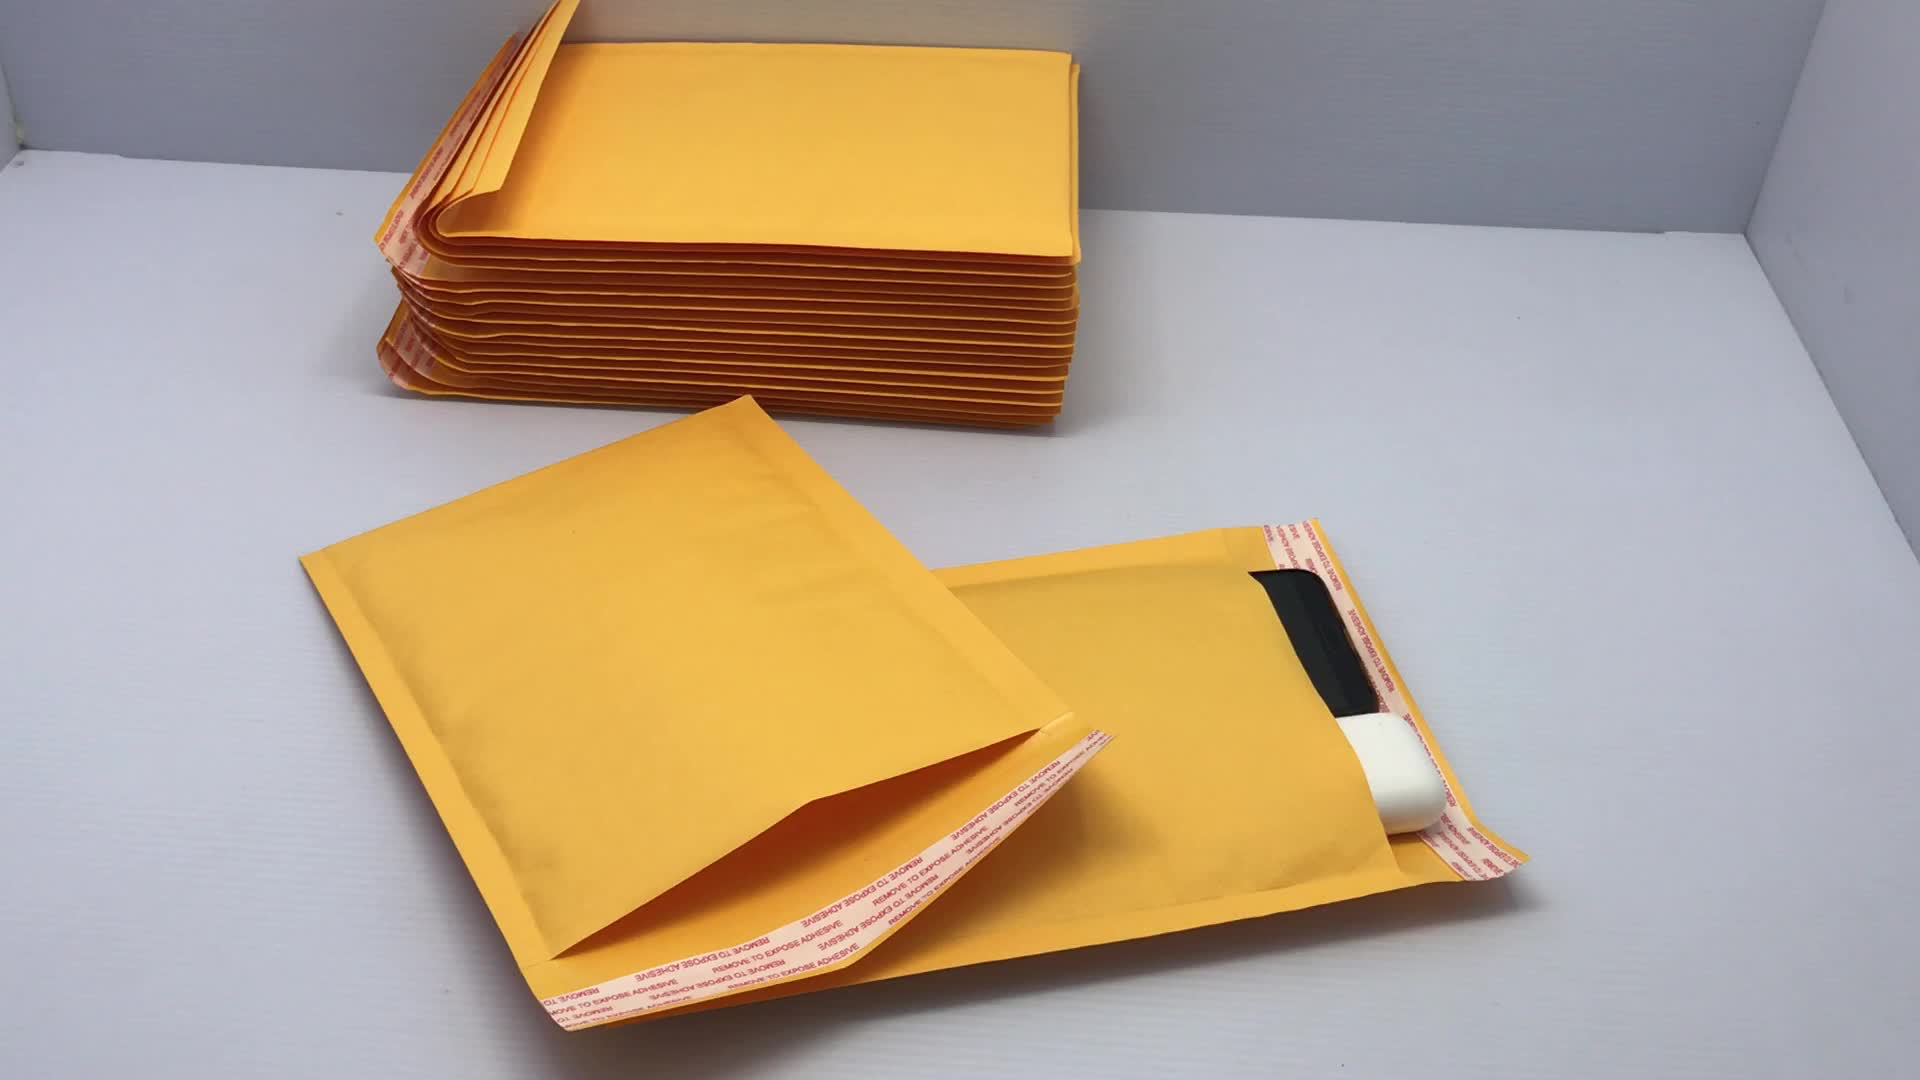 לוגו מודפס מותאם אישית/דפוס מותג פרטי תרכיז תמצית לנפץ מעטפות אריזה